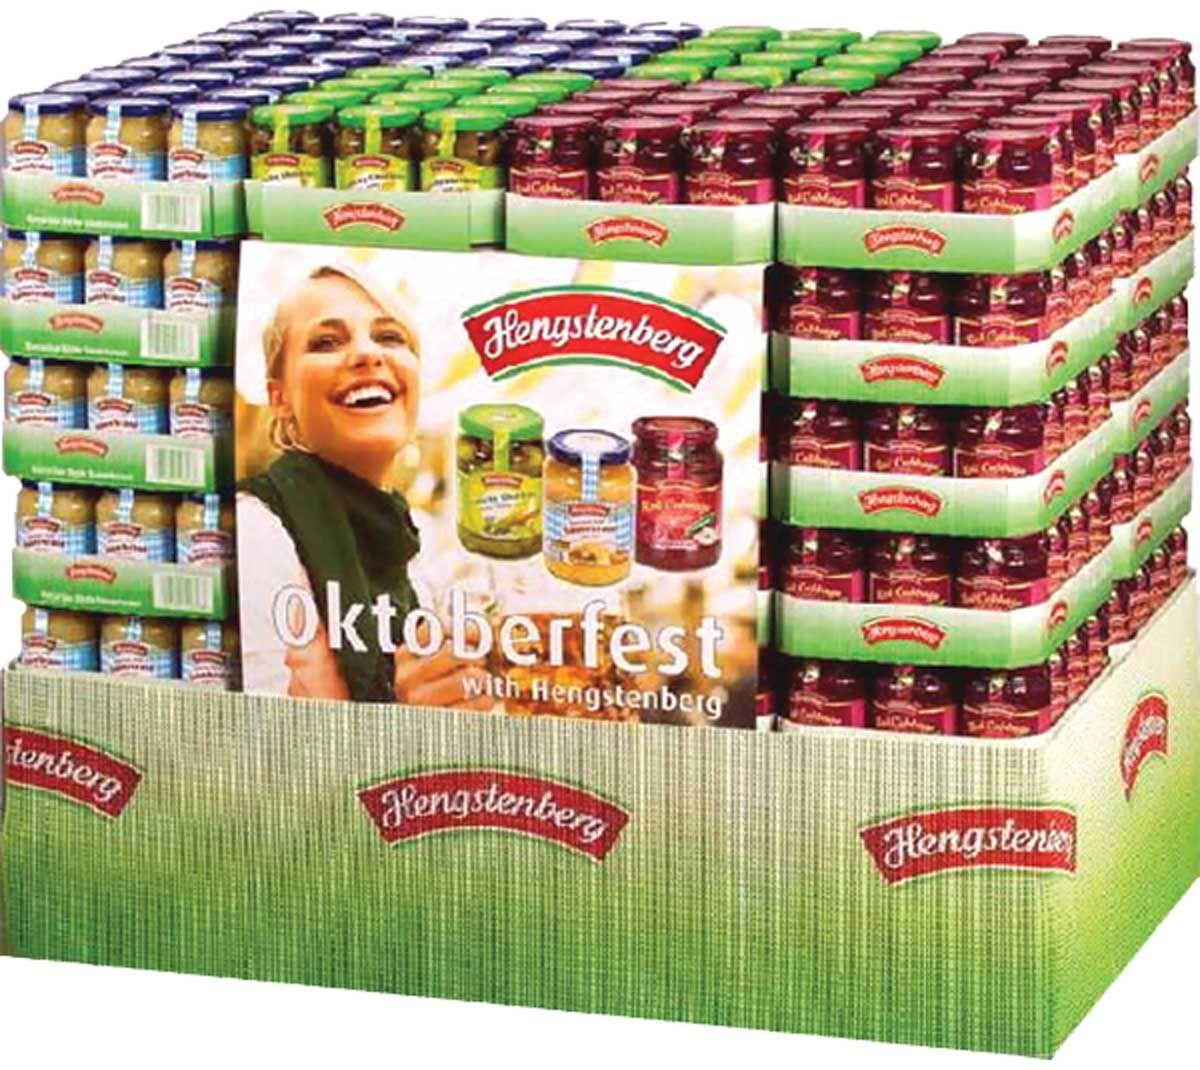 Hengstenberg German Pickles Amp Sauerkraut Pallet Display